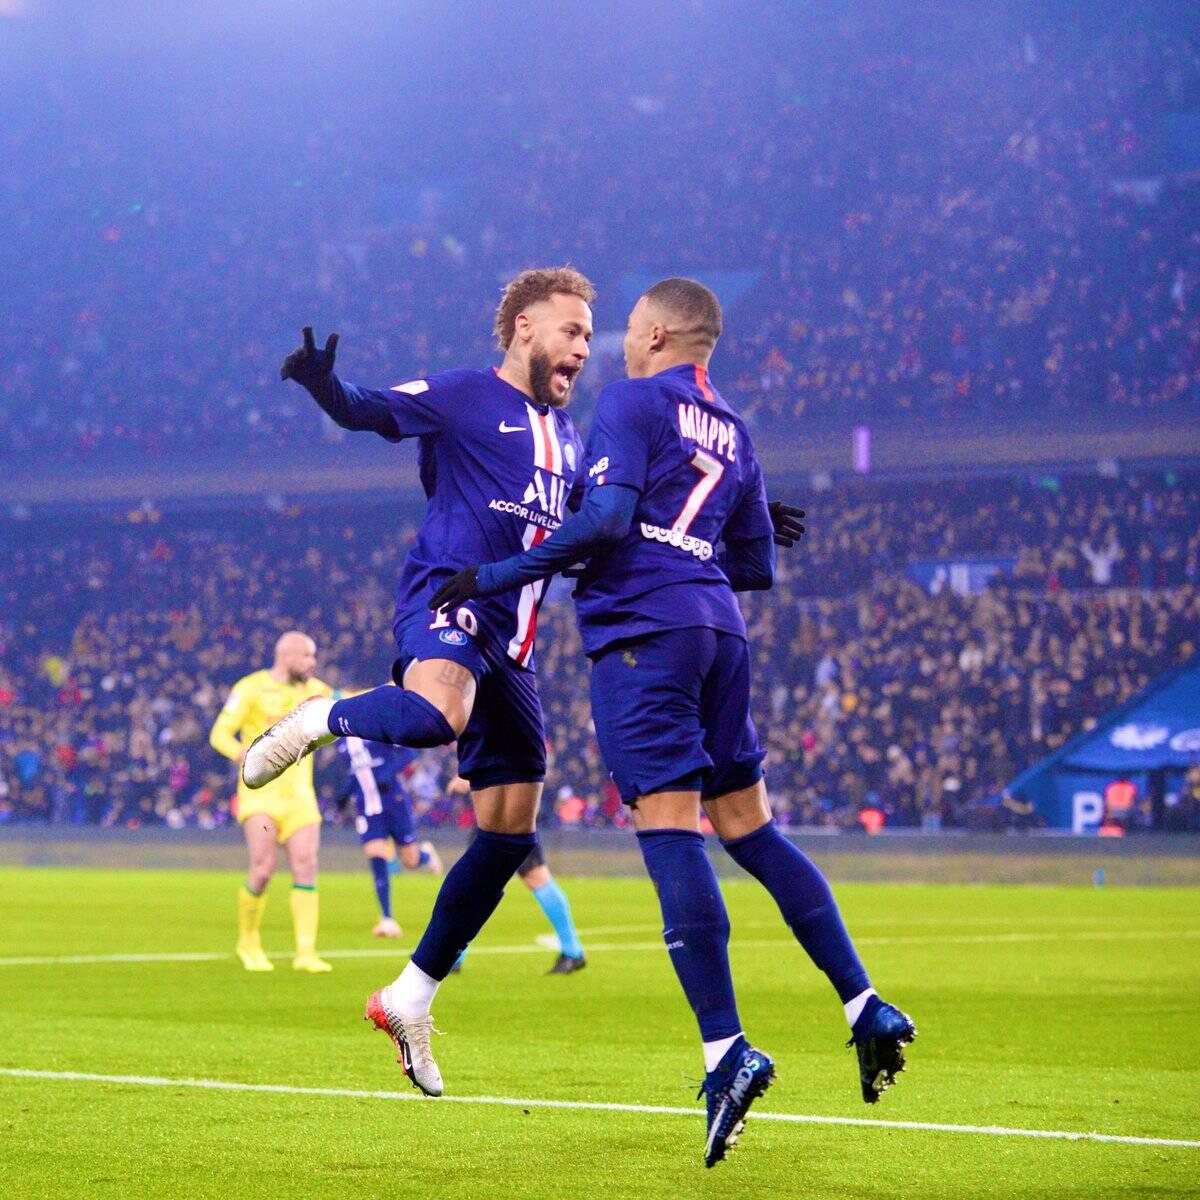 Neymar celebra gol com Mbappé. Foto: Twitter Oficial/Reprodução